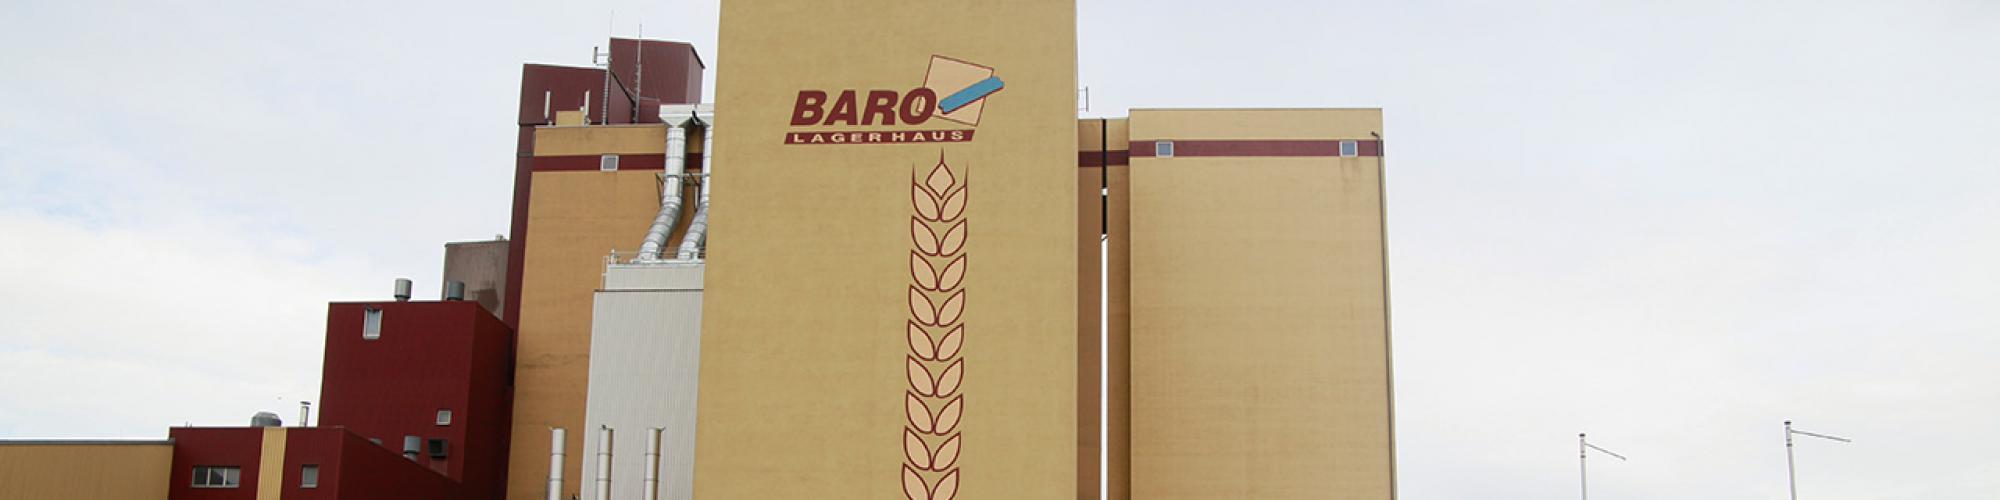 BARO Lagerhaus GmbH & Co. KG